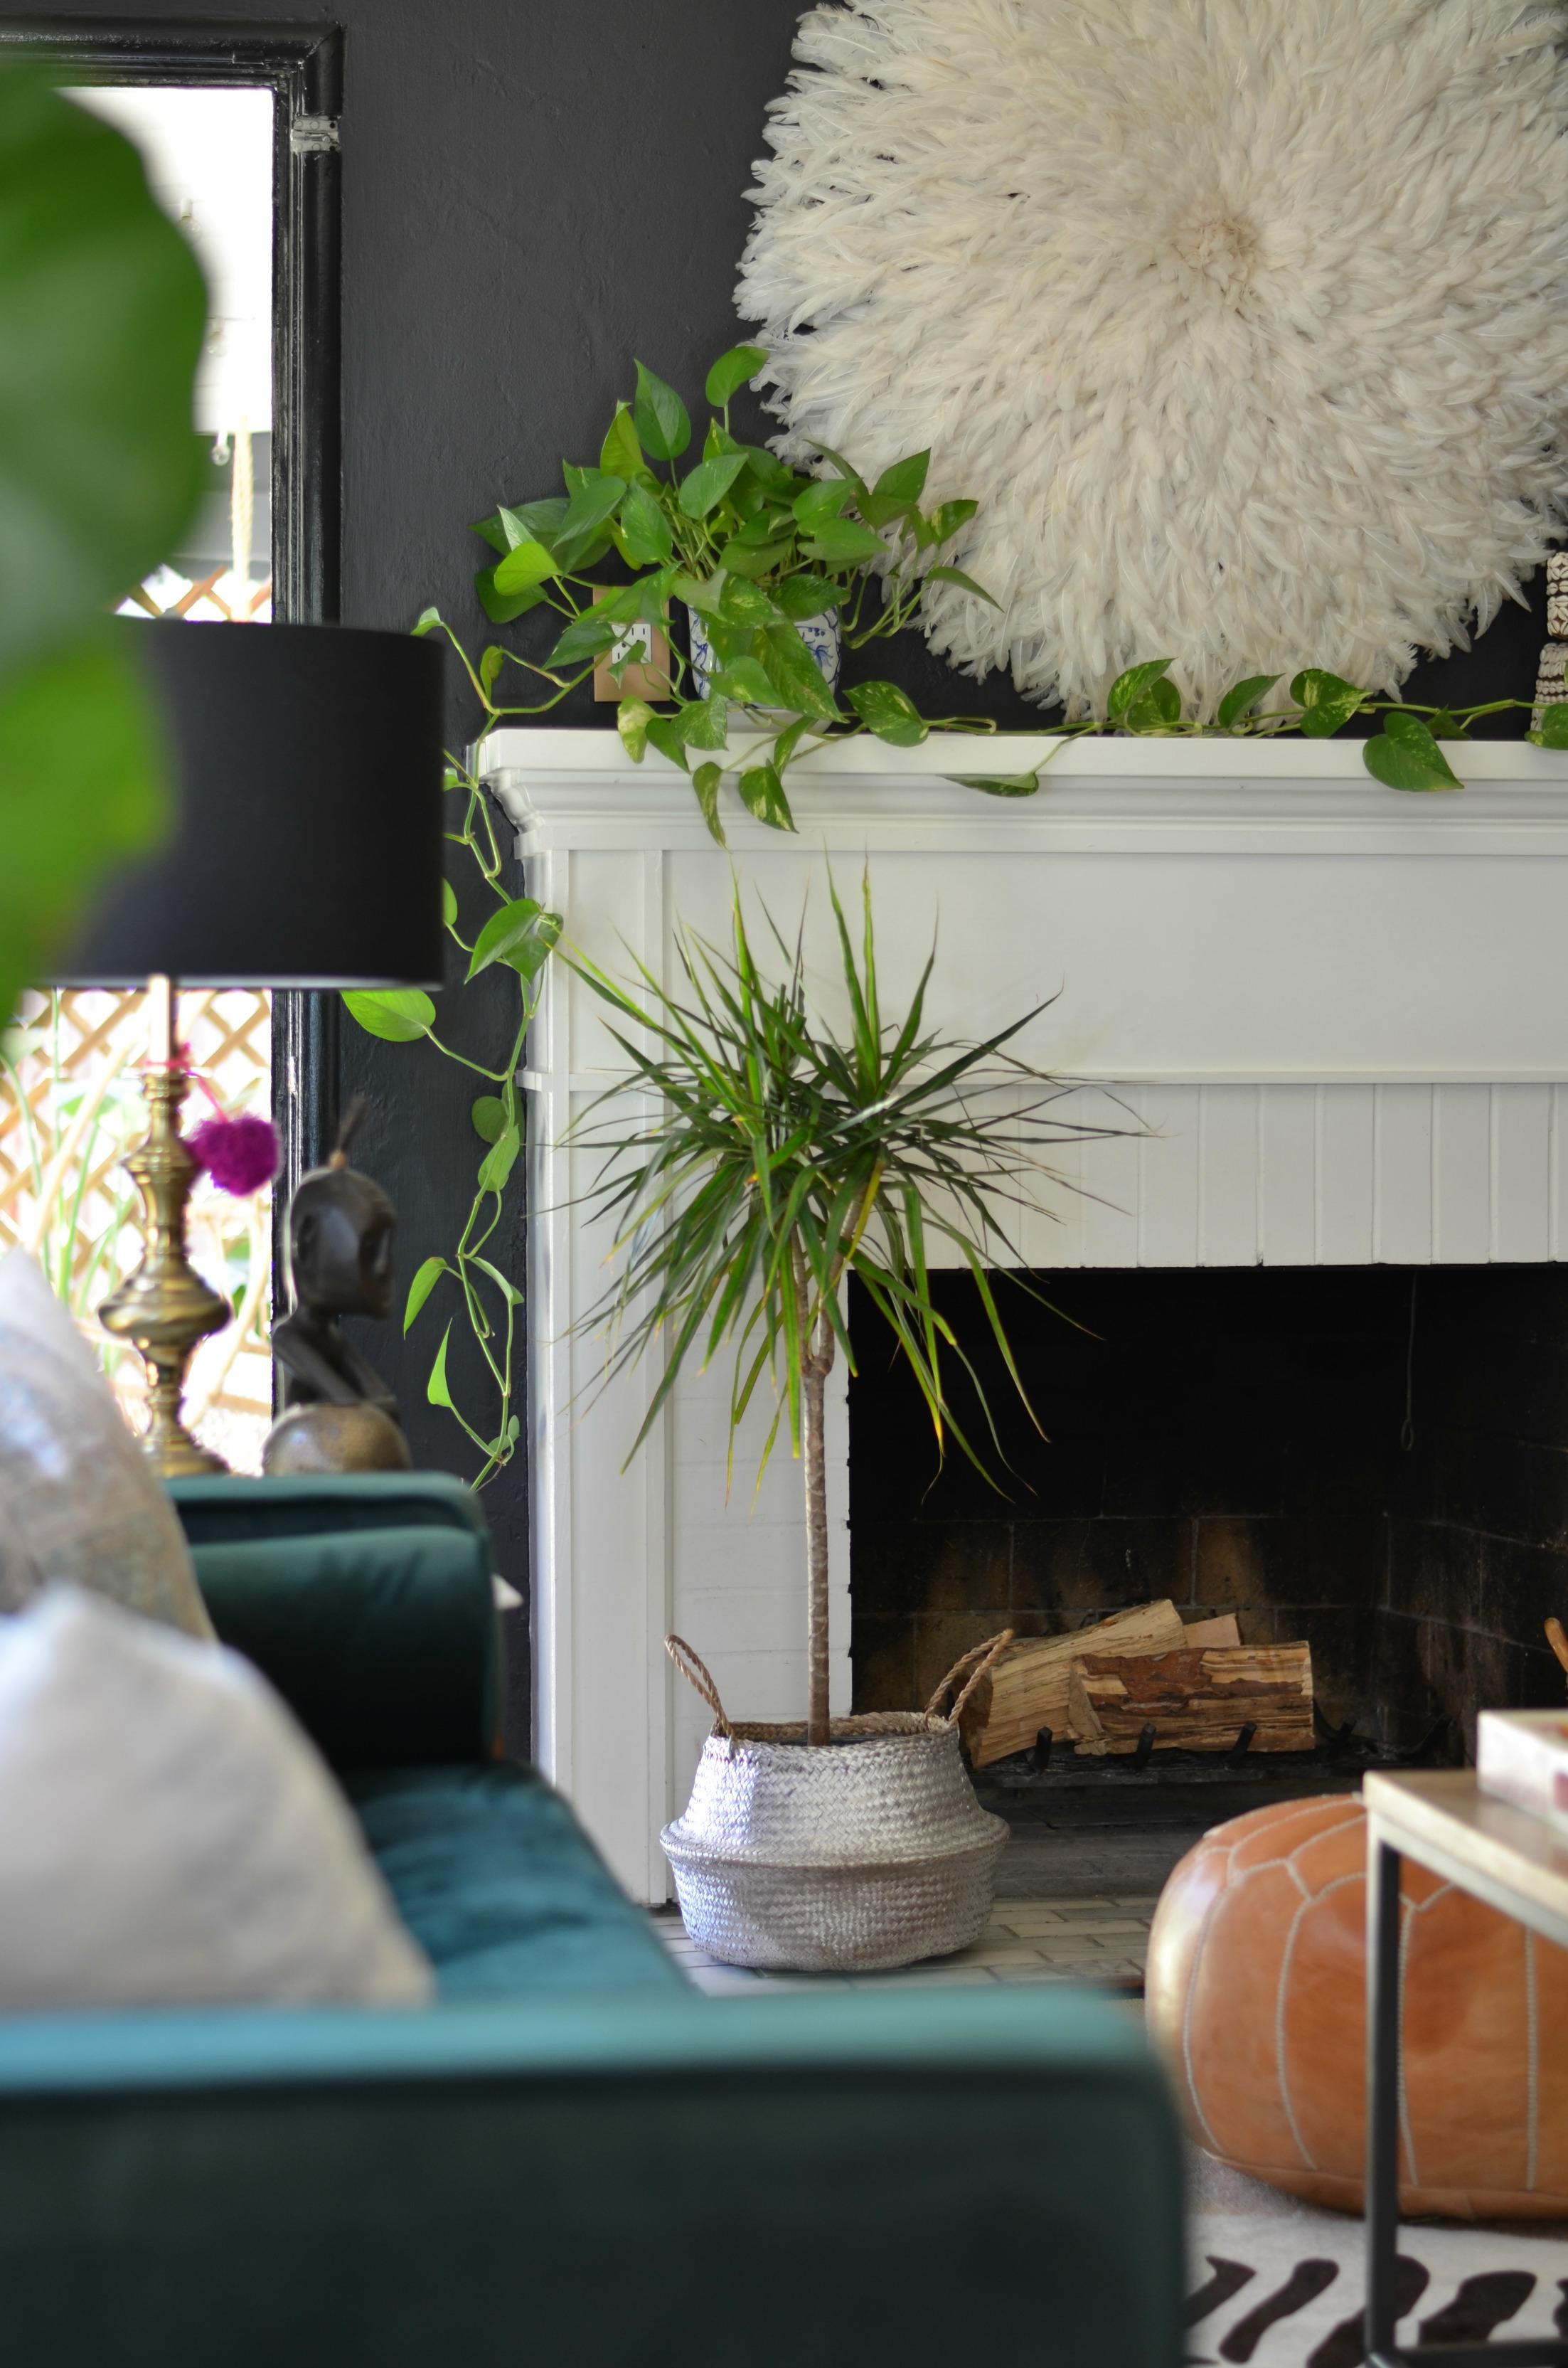 Shavonda Gardner on Styling with Plants